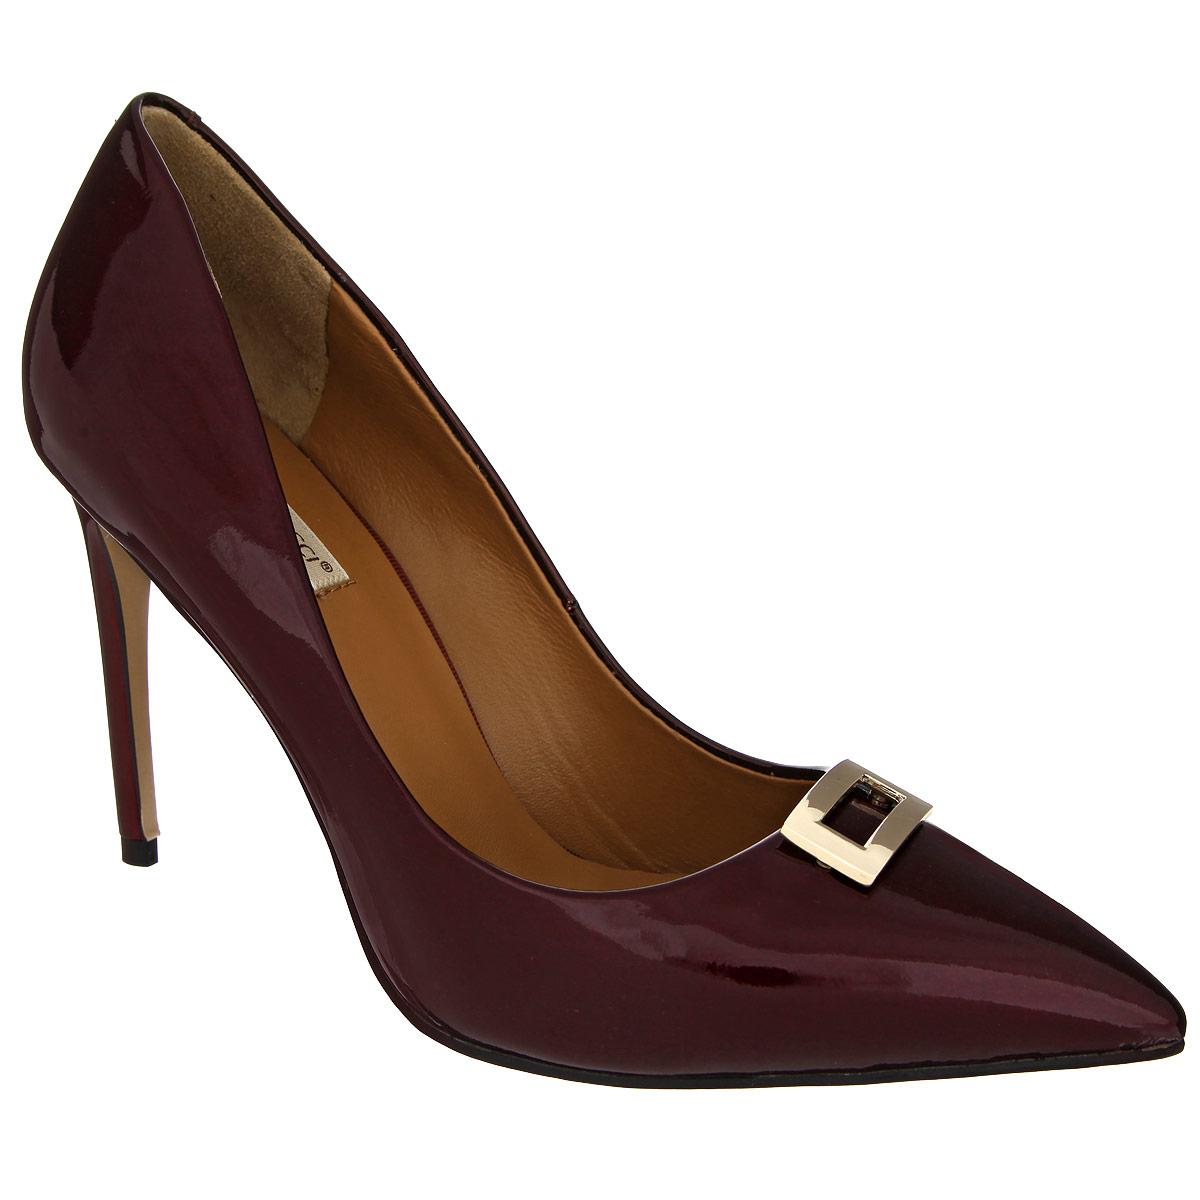 47171Изысканные женские туфли Vitacci займут достойное место среди вашей коллекции обуви. Модель изготовлена из натуральной лакированной кожи. Мыс изделия оформлен прямоугольным декоративным элементом из металла, стилизованным под пряжку. Зауженный носок добавит женственности в ваш образ. Стелька из натуральной кожи позволит ногам дышать. Подошва оснащена противоскользящим рифлением. Прелестные туфли покорят вас с первого взгляда.